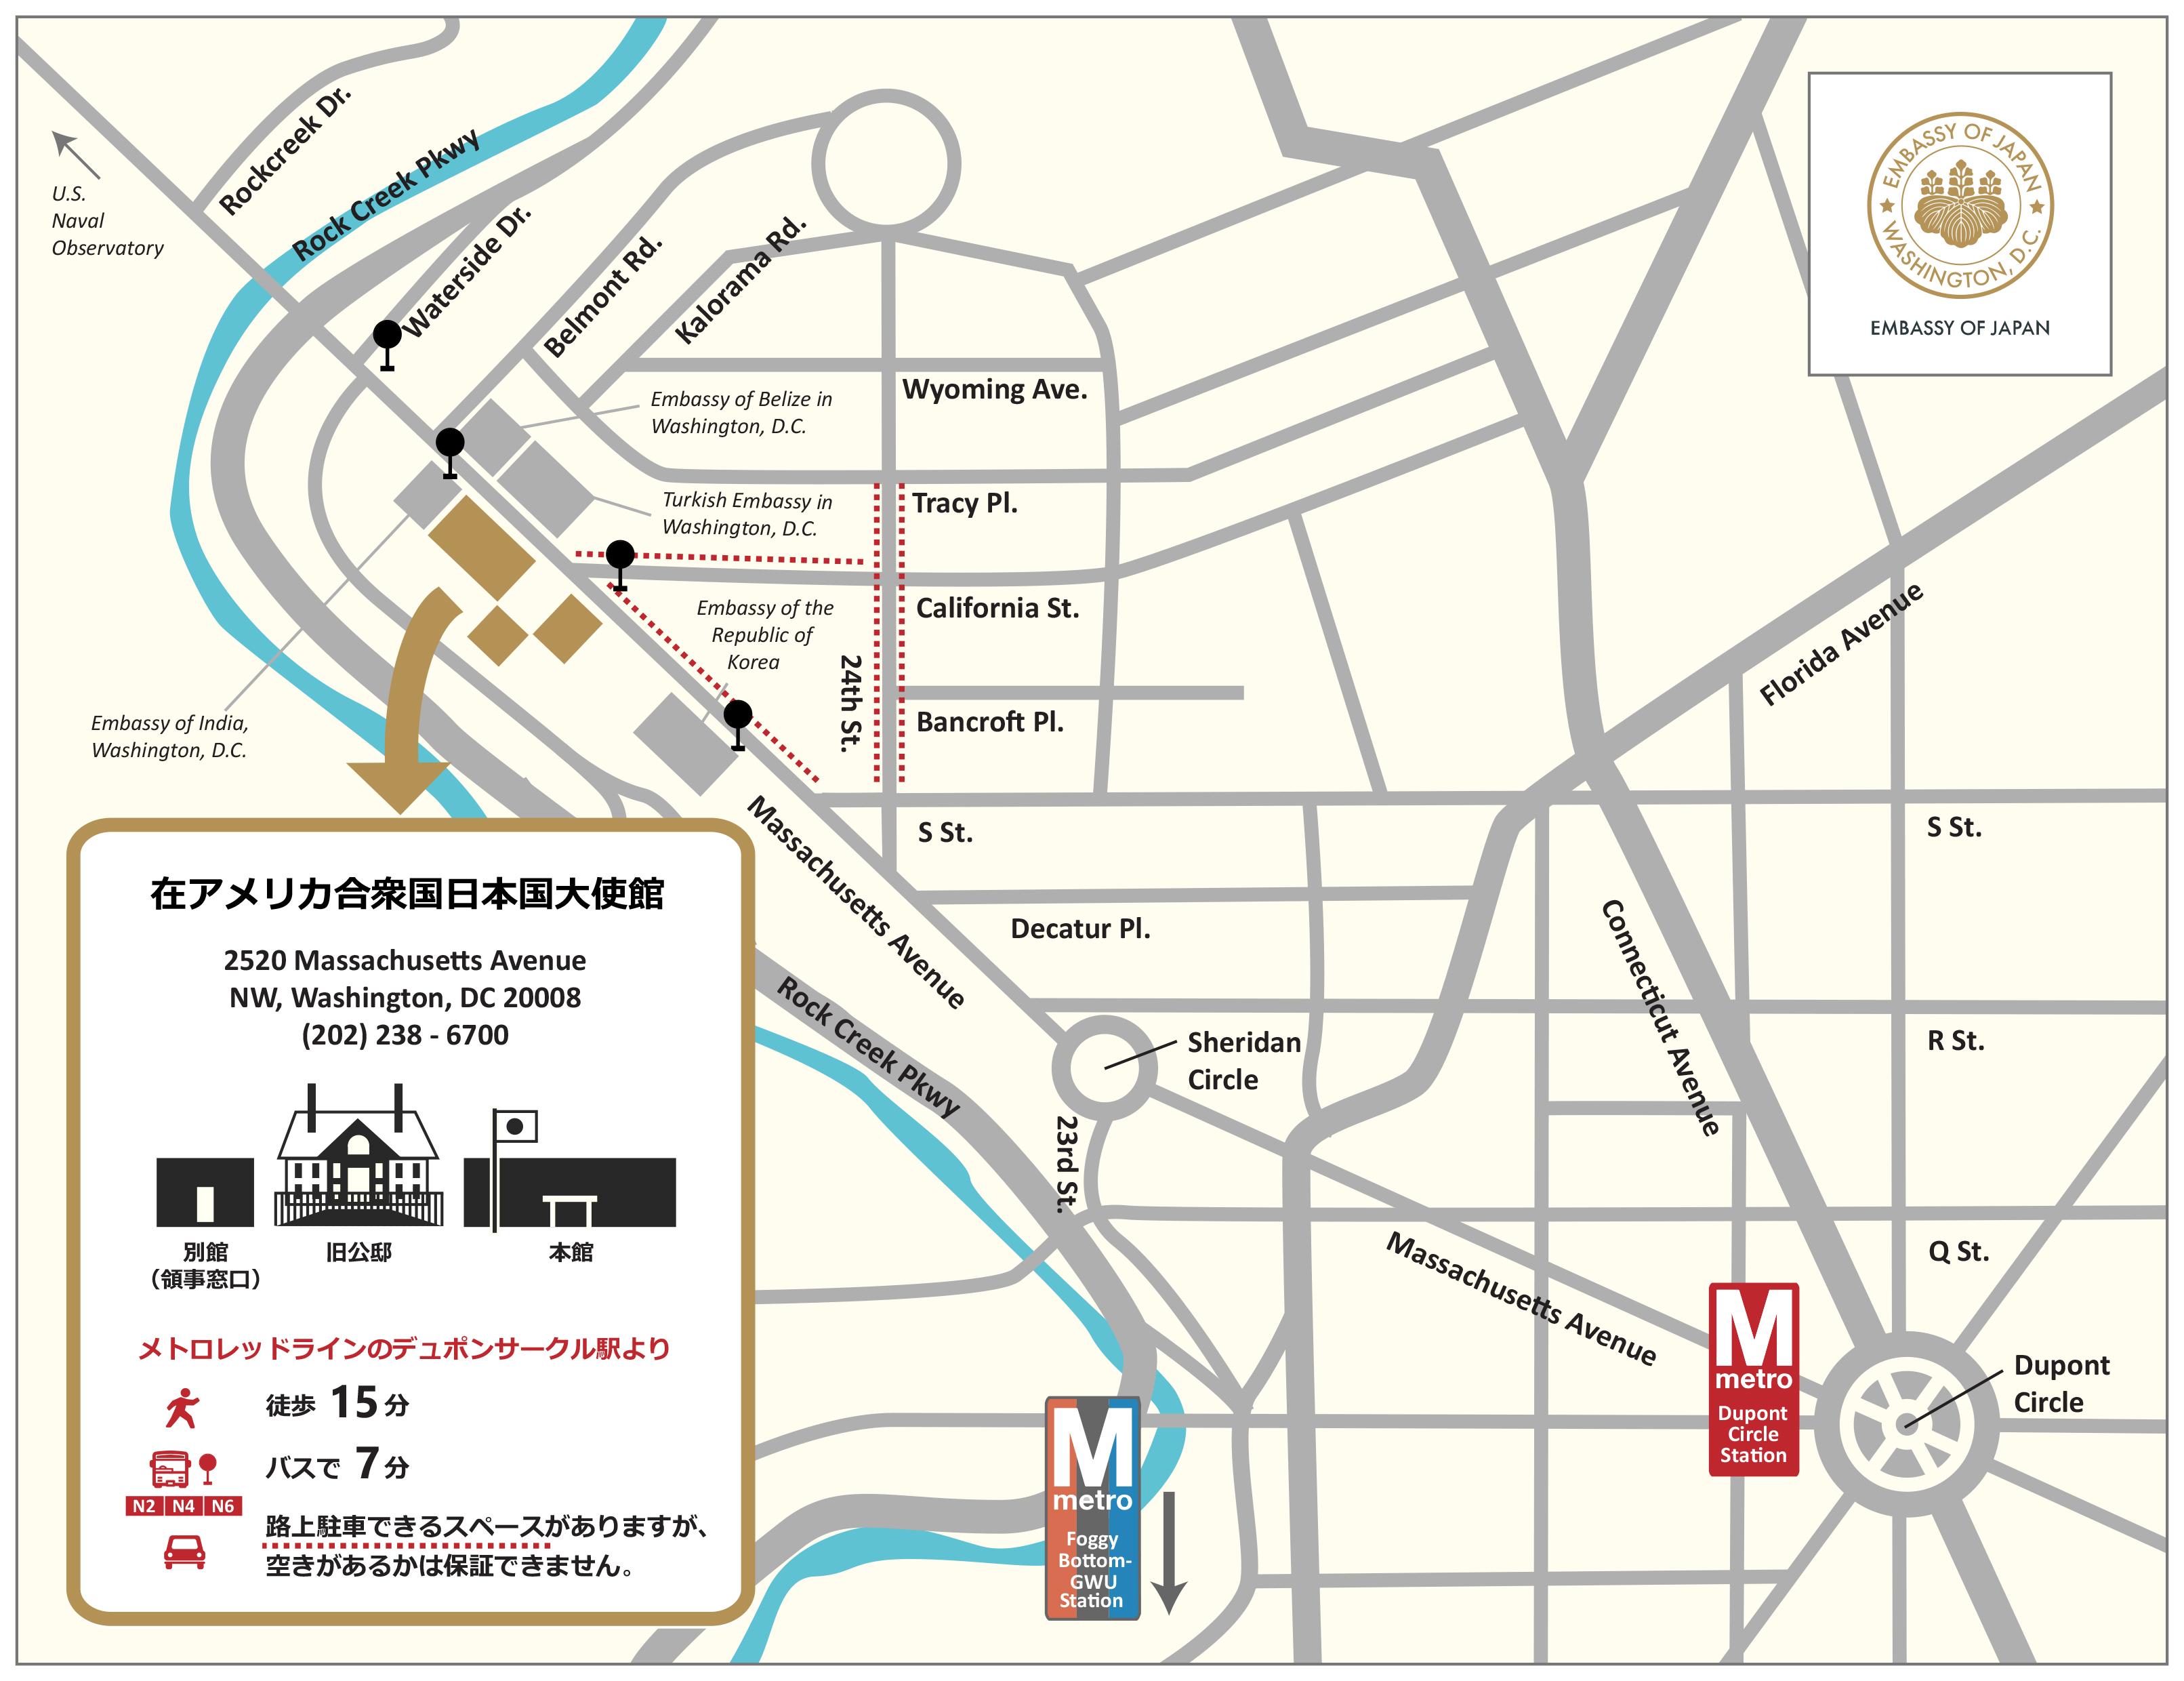 大使館マップ